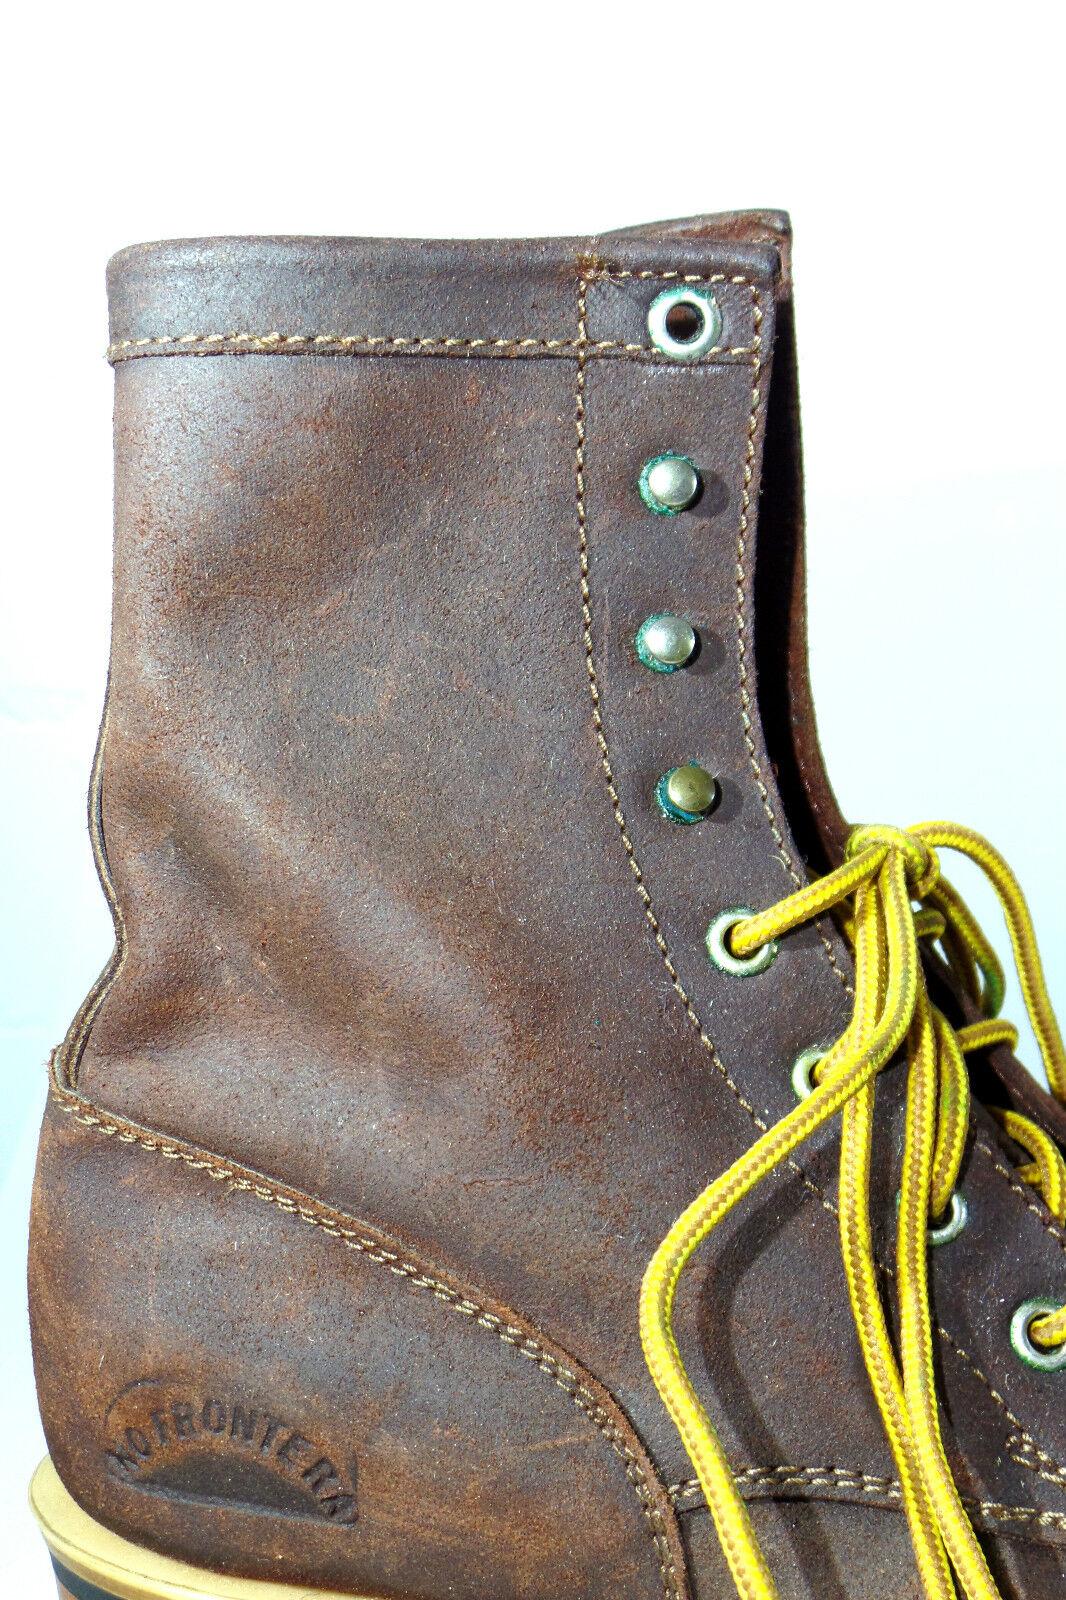 Westernstiefelette laborales vaquero Boot 38 marrón con cordones méxico nuevo...